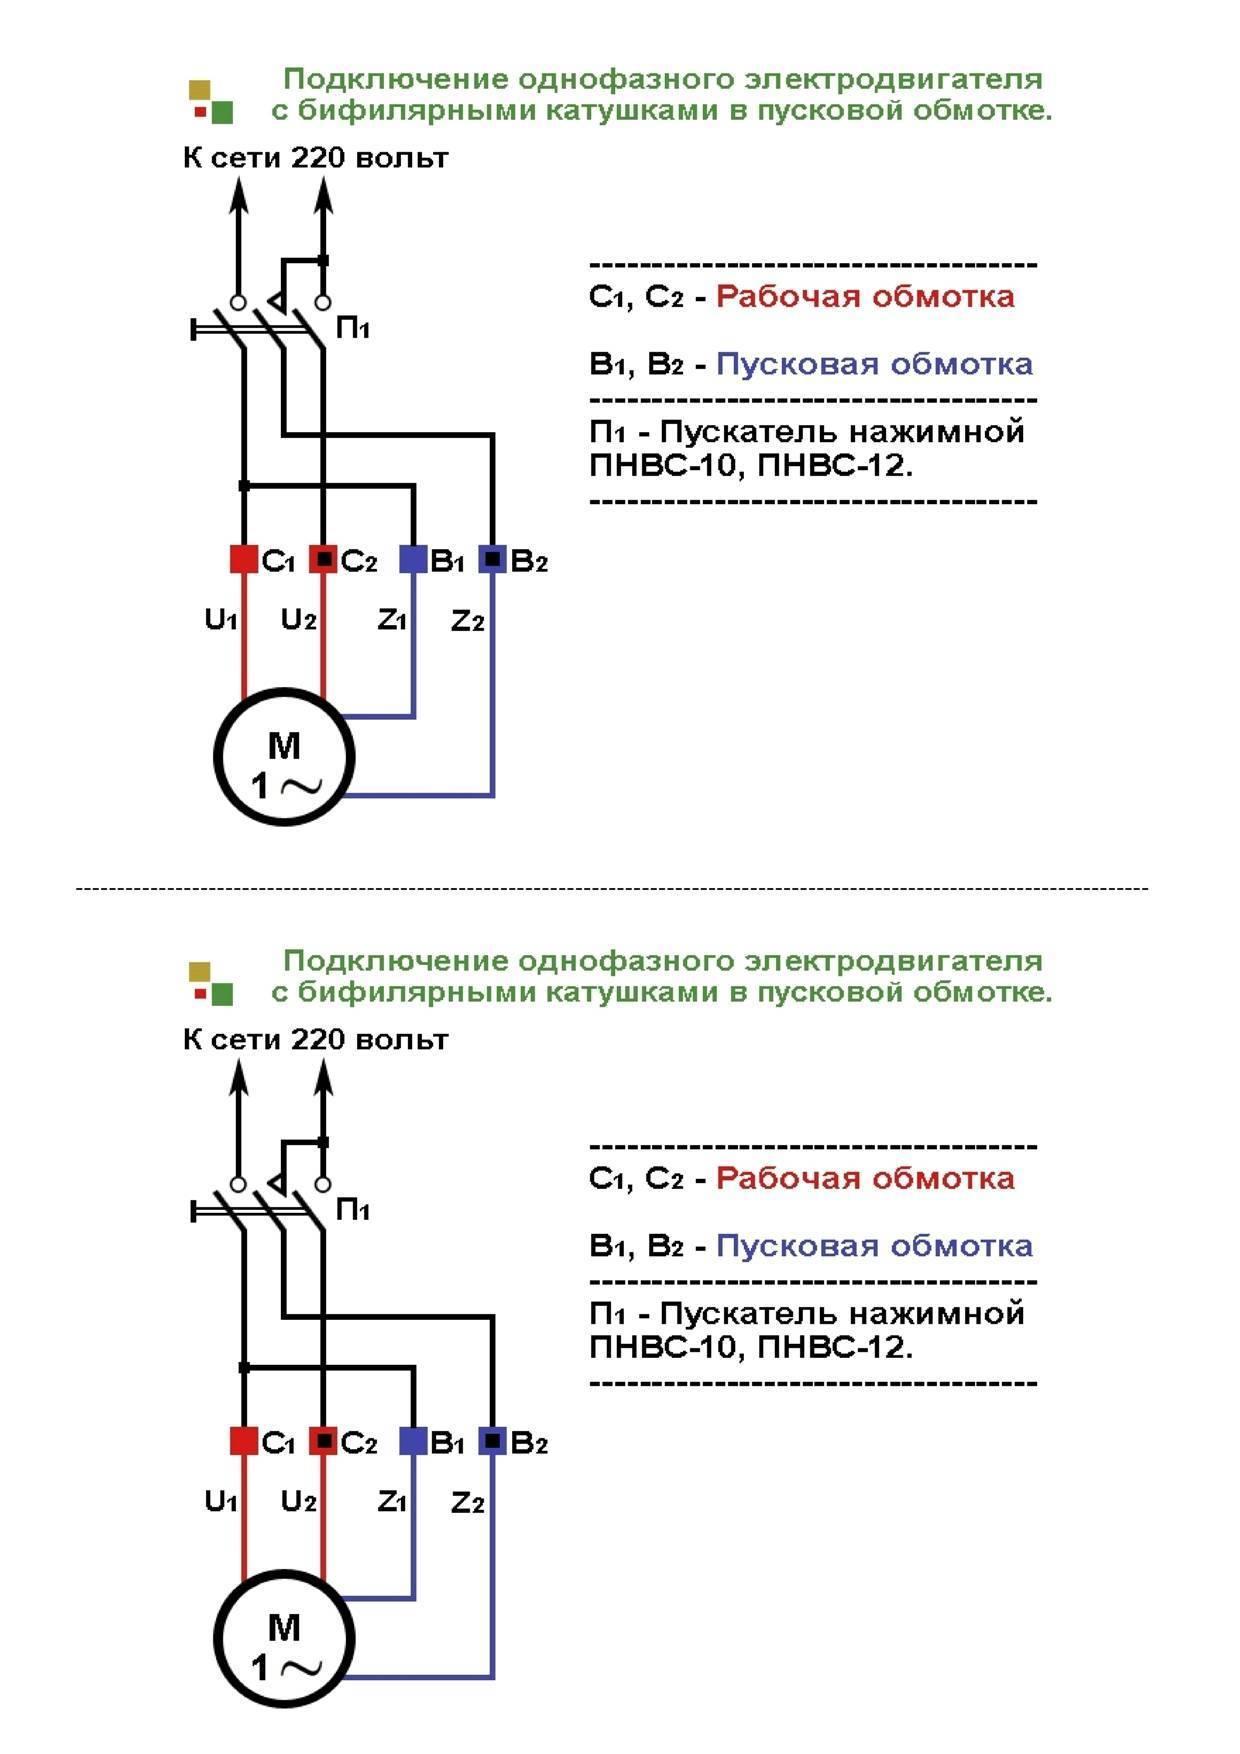 Однофазный асинхронный двигатель схема подключения